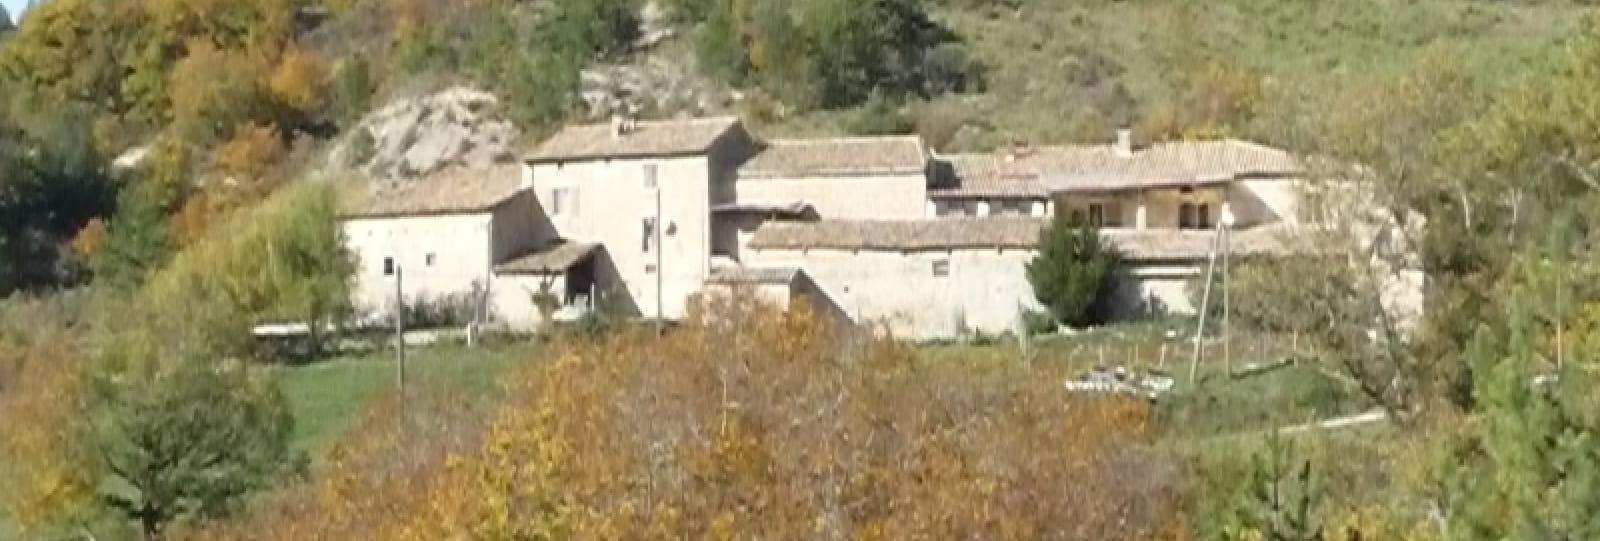 Saint Antoine Farm